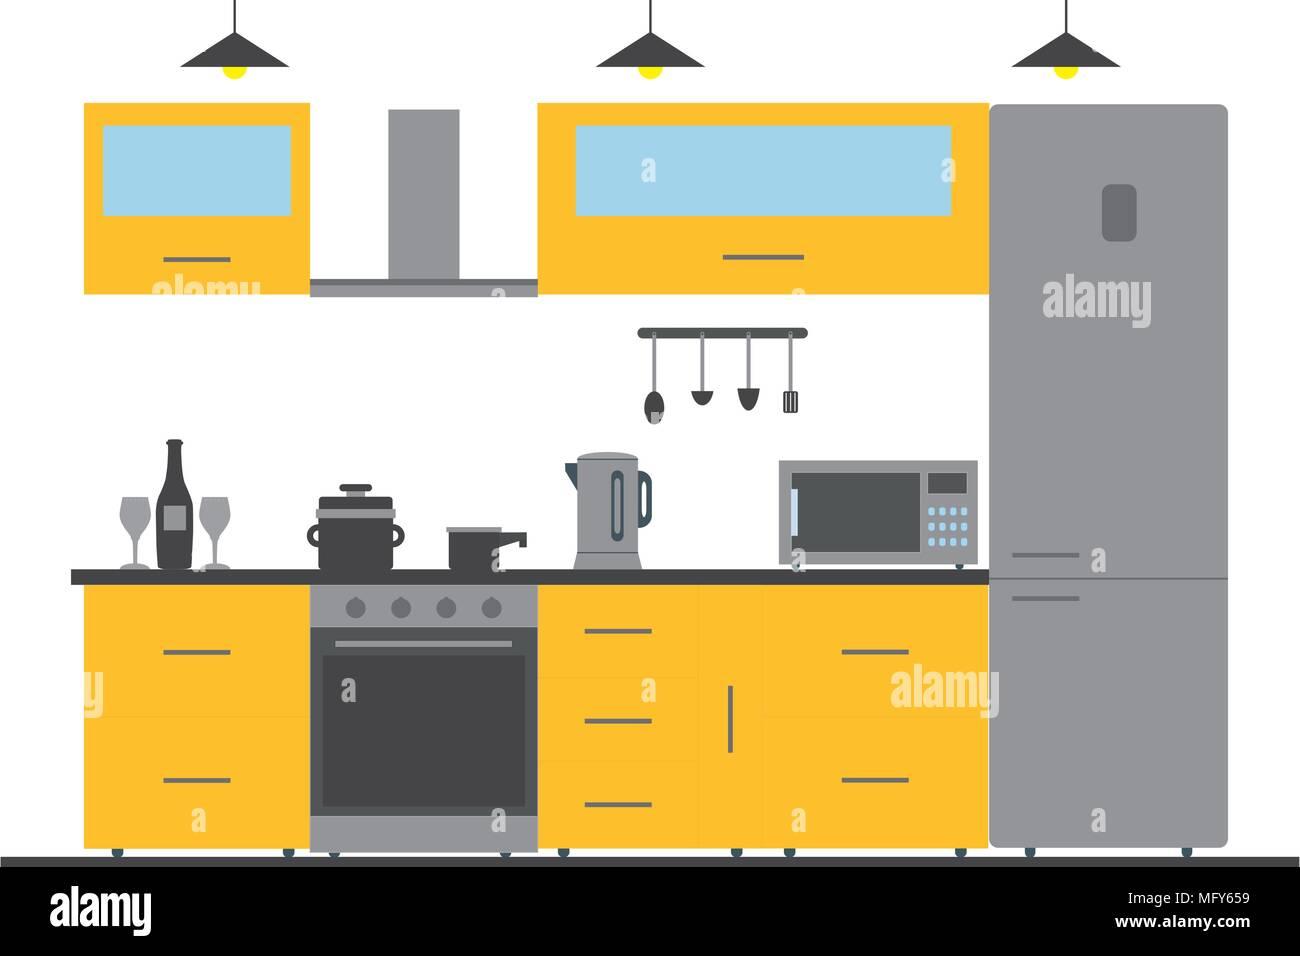 Meuble Micro Onde Et Four cuisine intérieur avec meubles, ustensiles et appareils